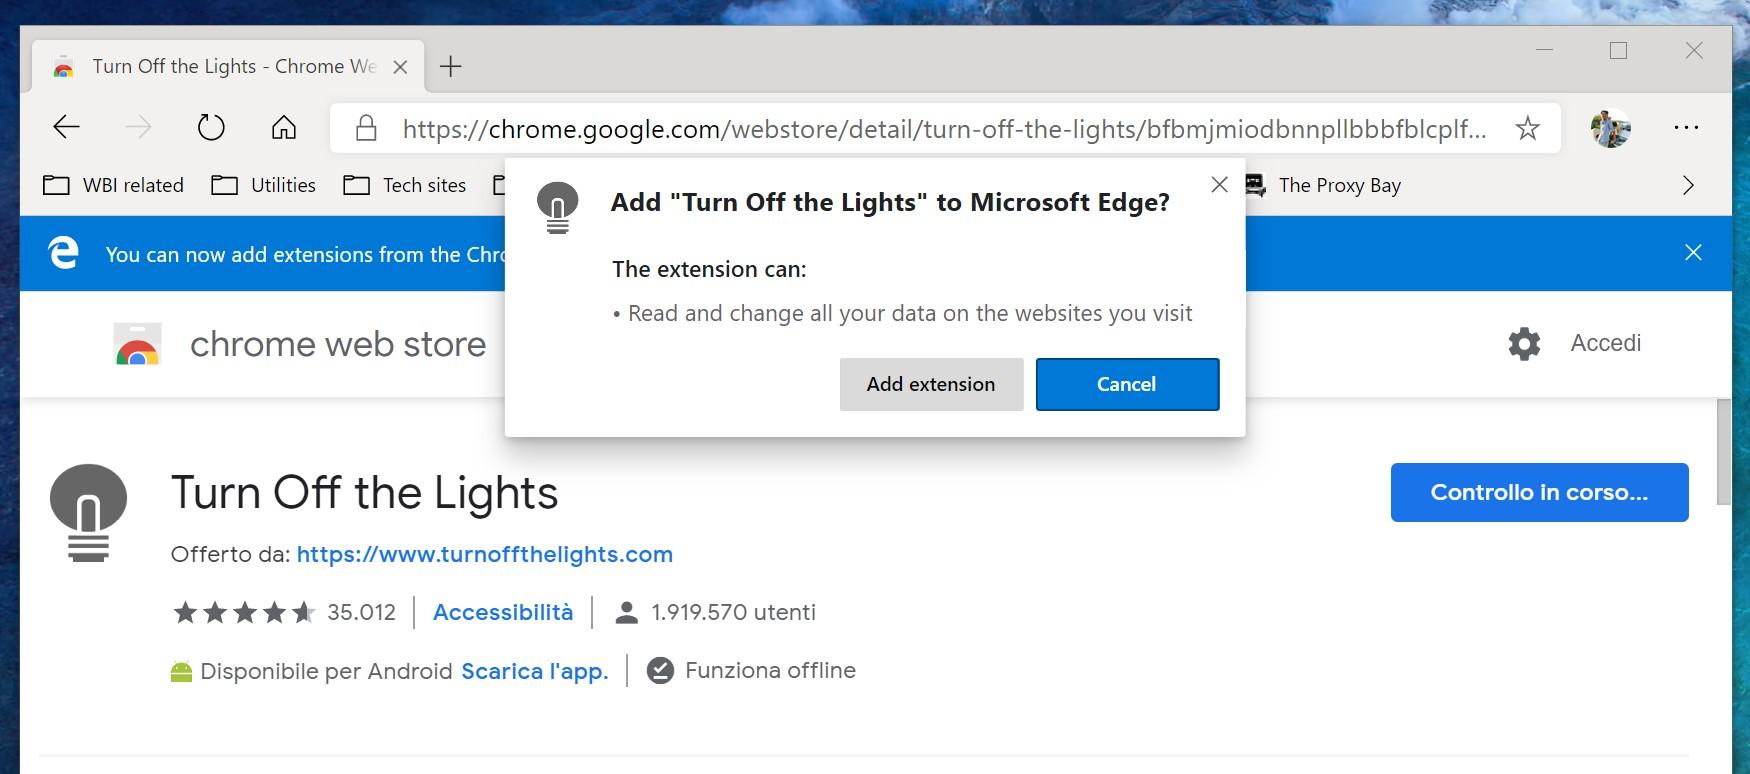 Microsoft Edge Chromium aggiungi estensione Chrome Web Store